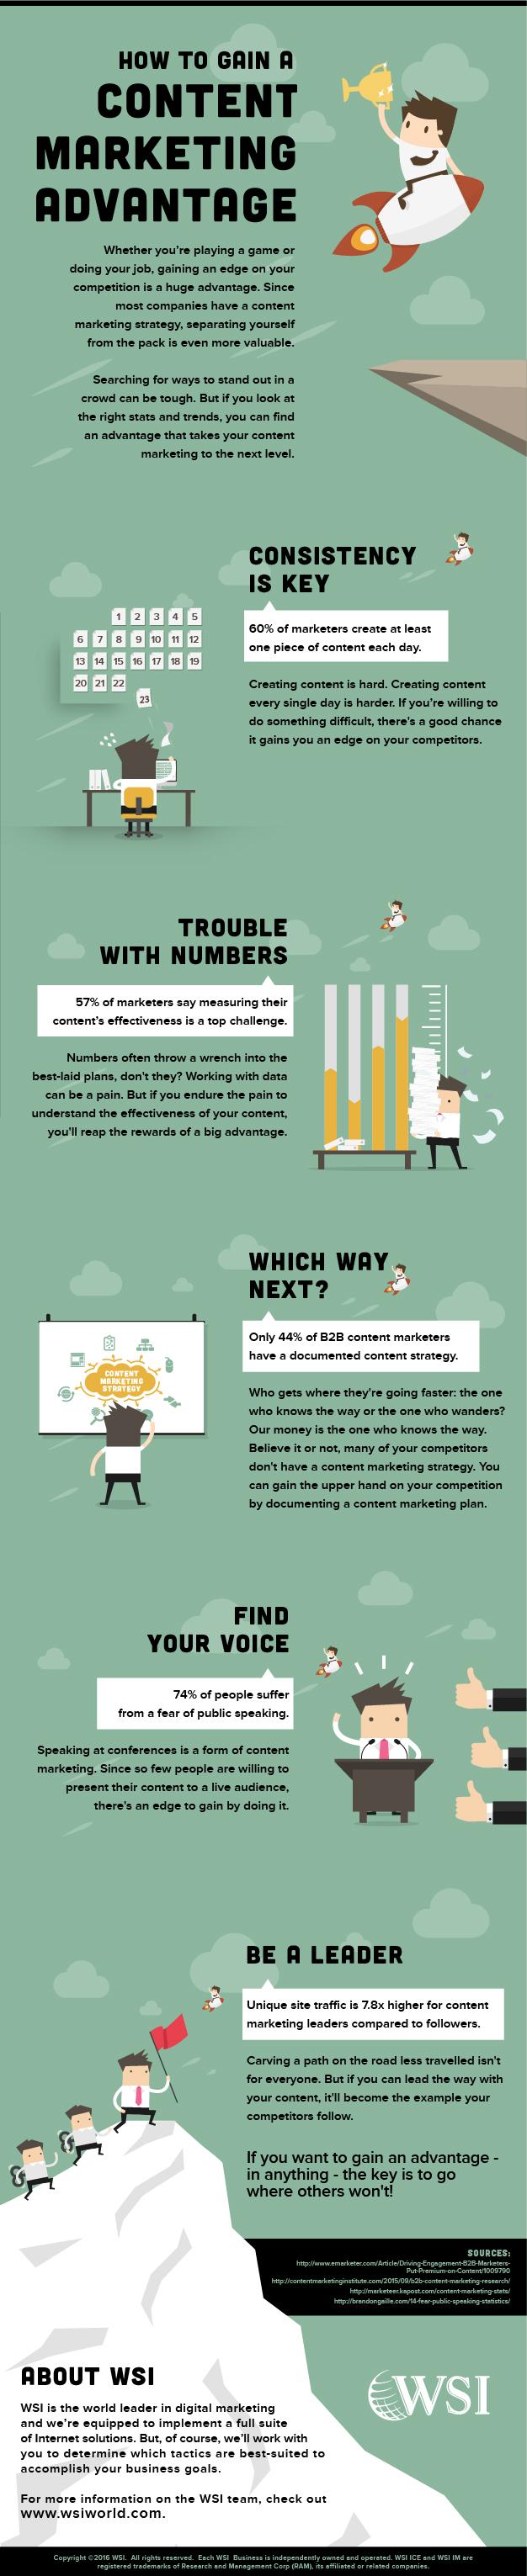 HowToGainAContentMarketingAdvantage infographic